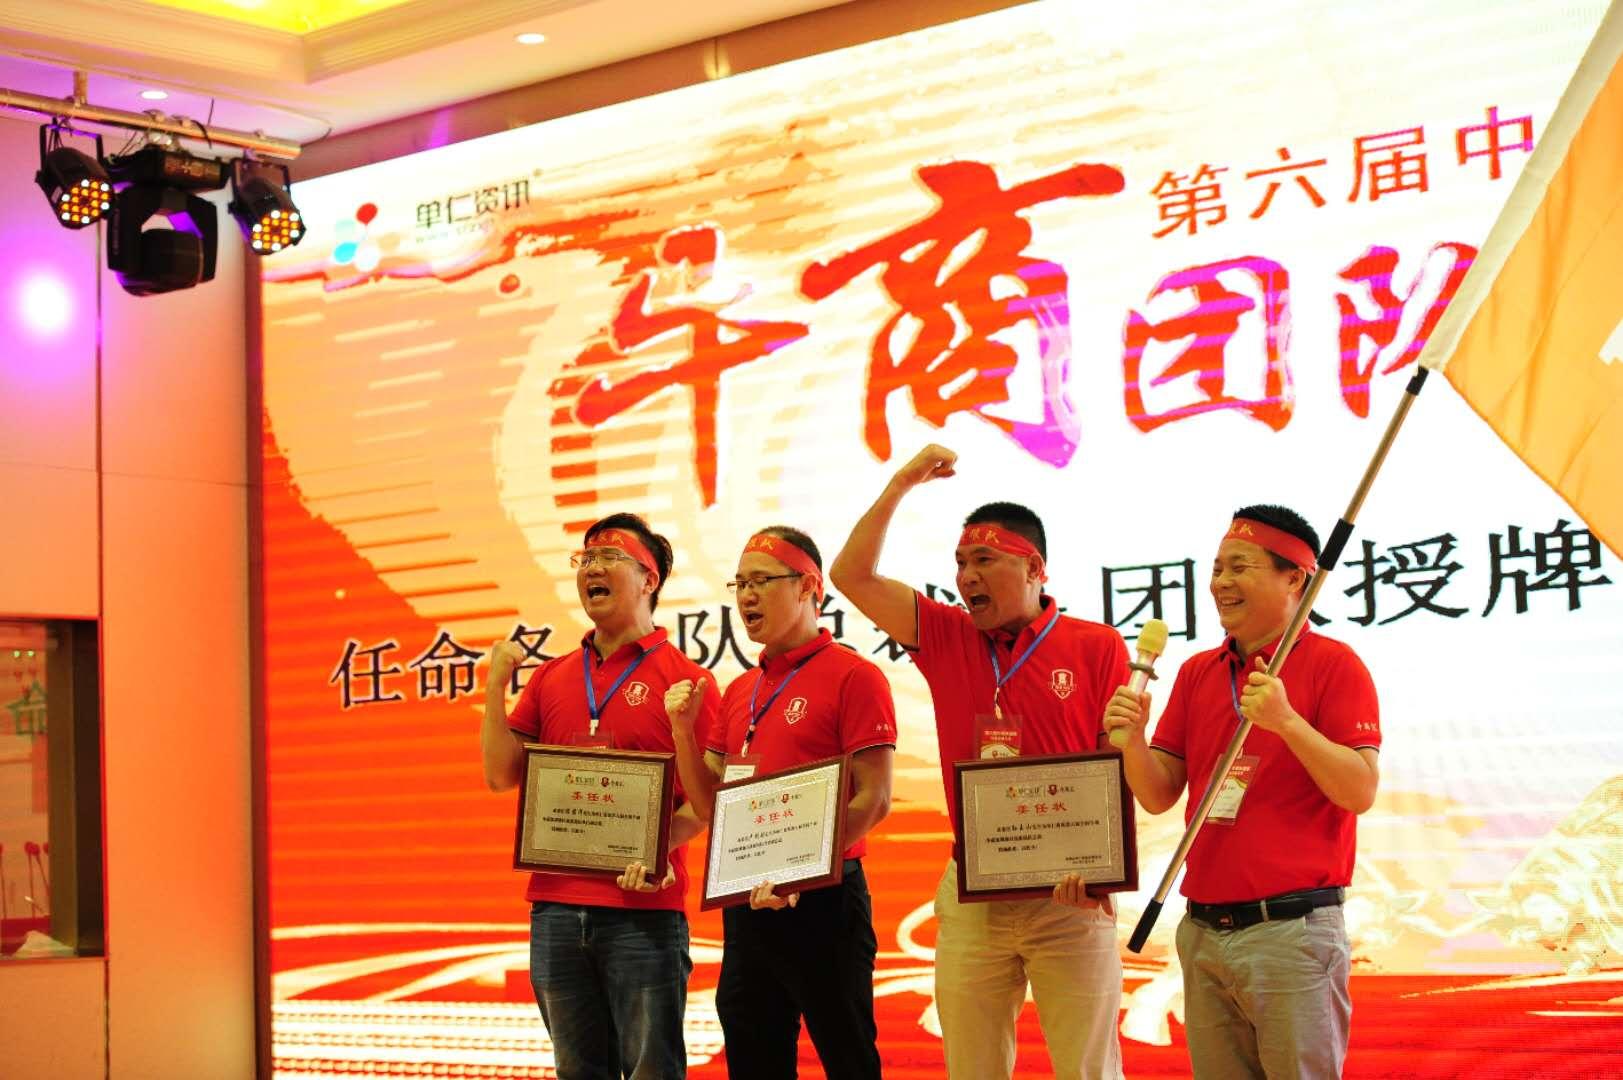 热烈祝贺全国第6届电子商务牛商争霸赛深圳战区启动会完美开启-宏利